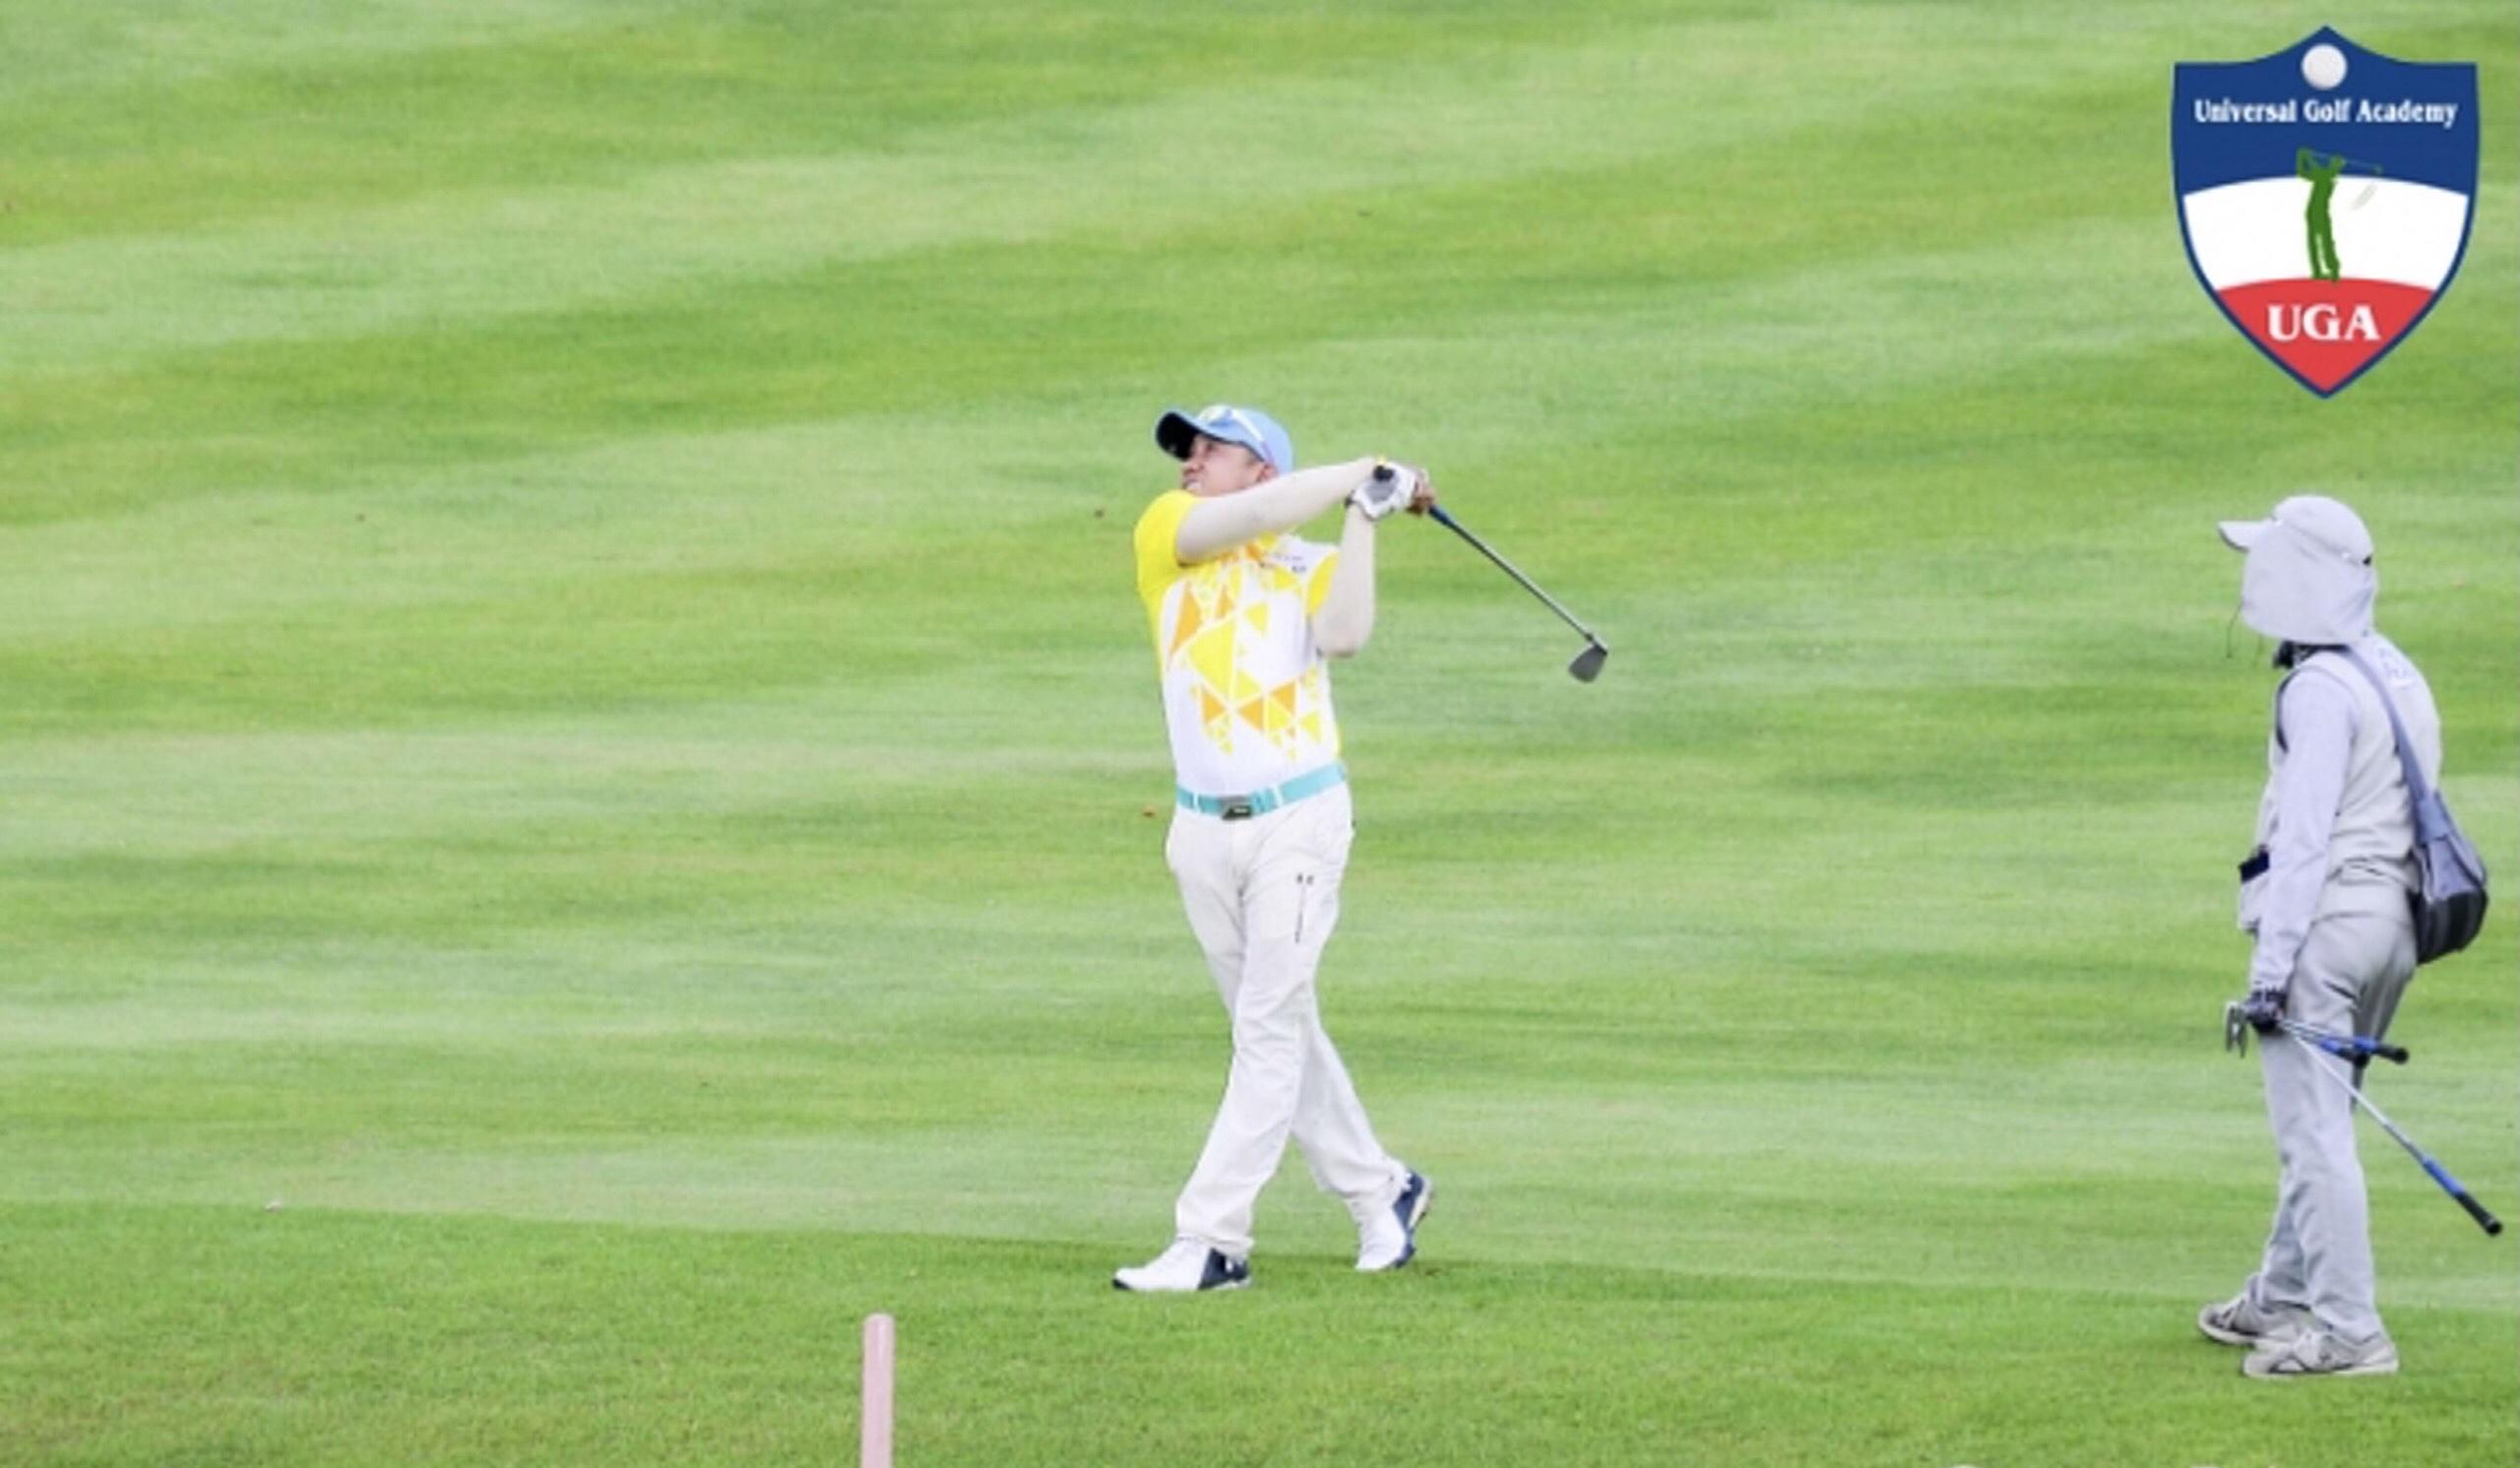 Học golf hiệu quả cùng UGA (Universal Golf Academy)